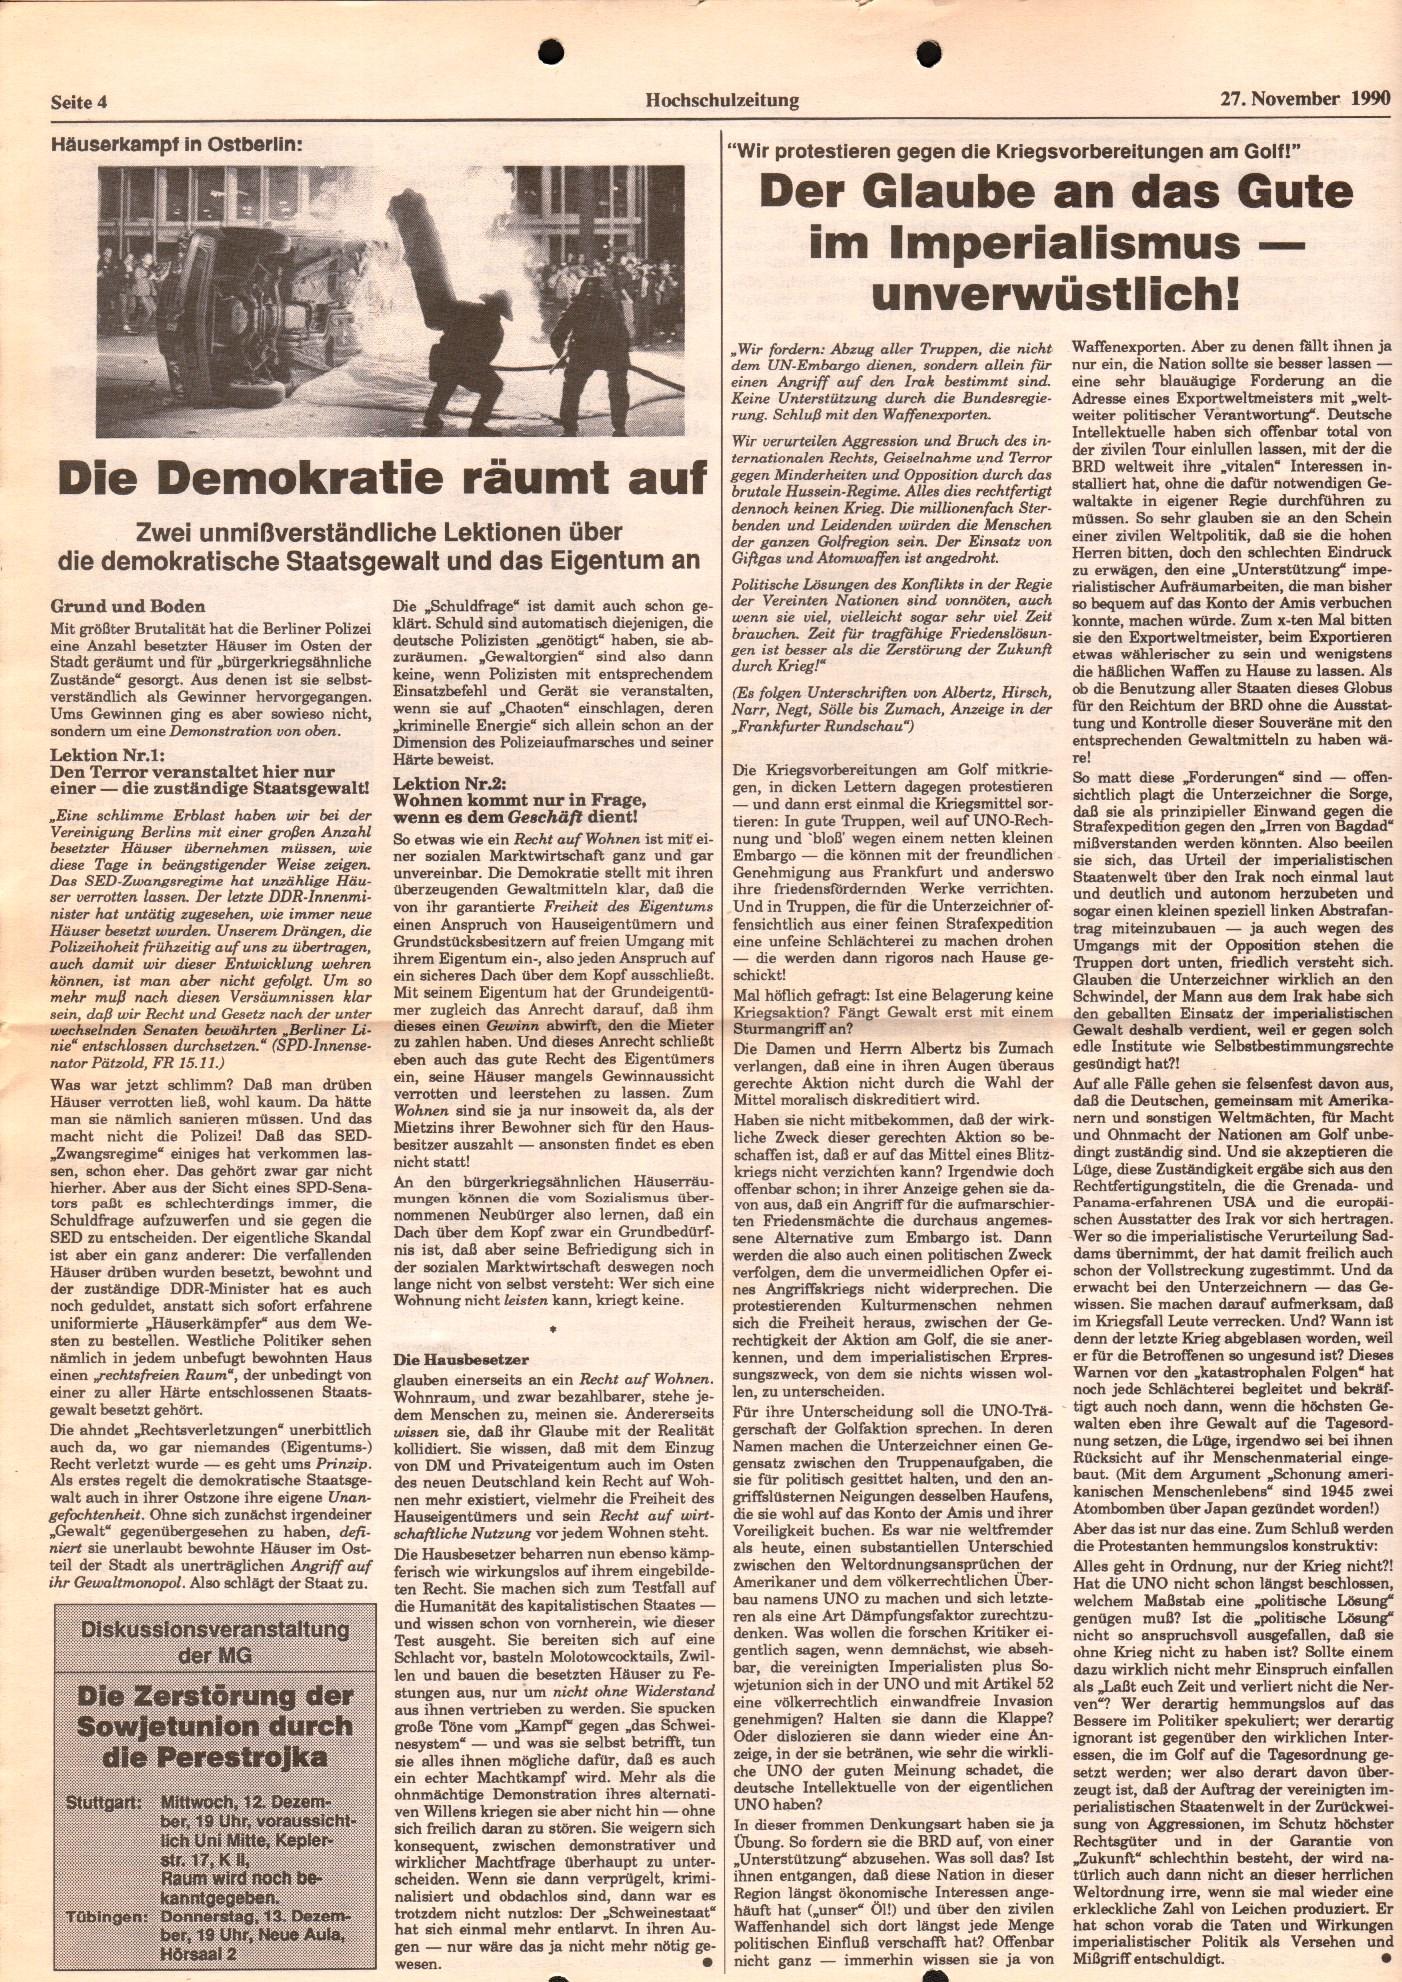 Tuebingen_MG_Hochschulzeitung_1990_13_04